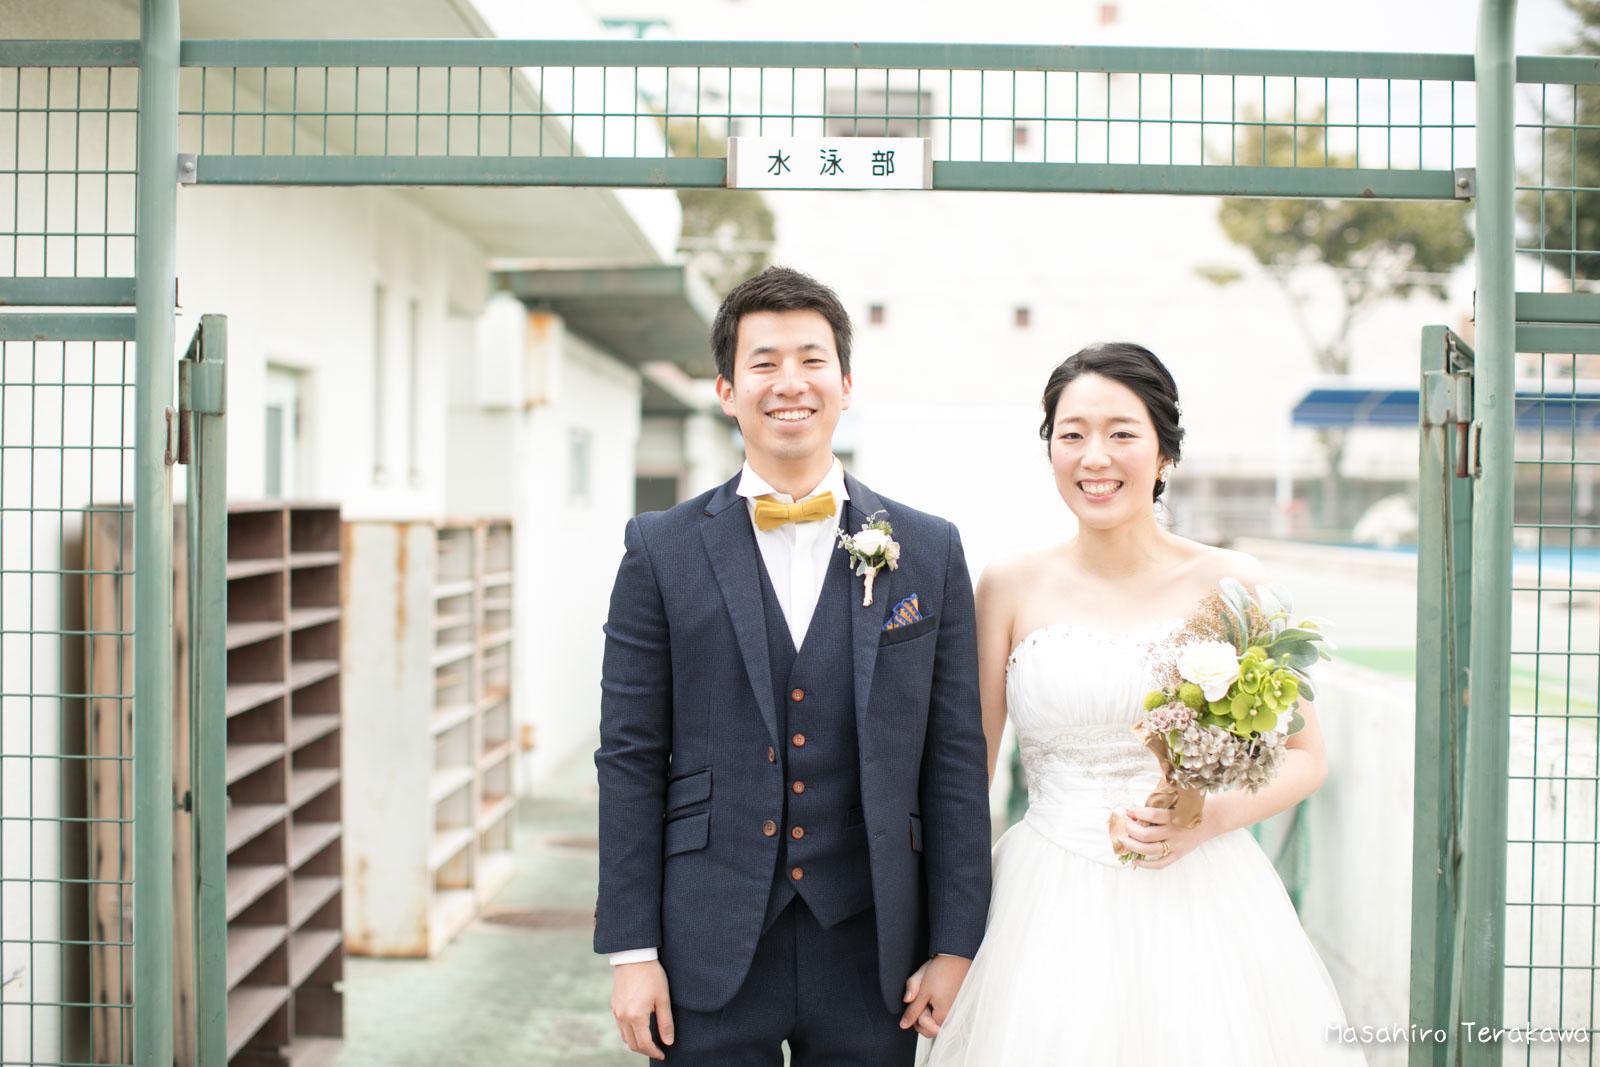 神戸の学校(母校)にて結婚式前撮り3